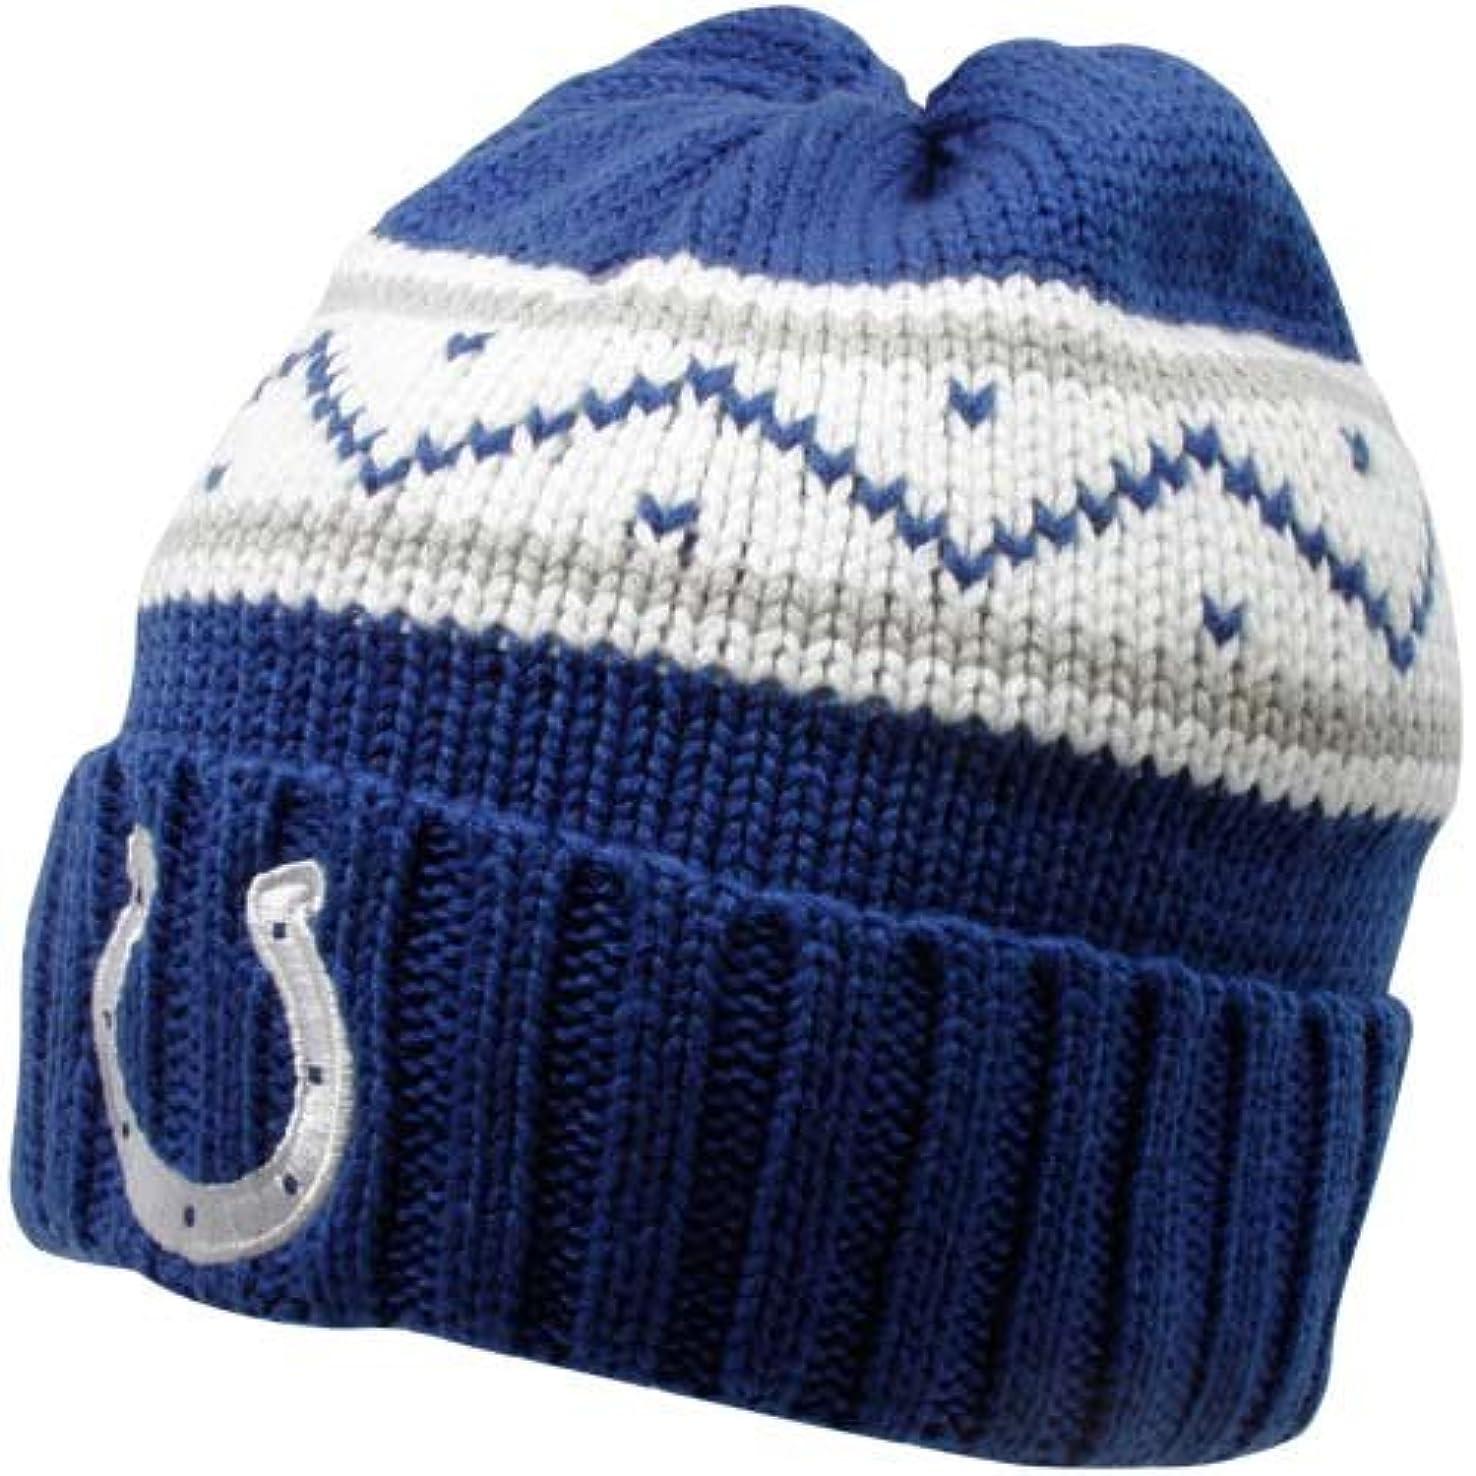 とは異なり飢えたおなかがすいたリーボックIndianapolis Colts Cuffedニット帽子フリーサイズ